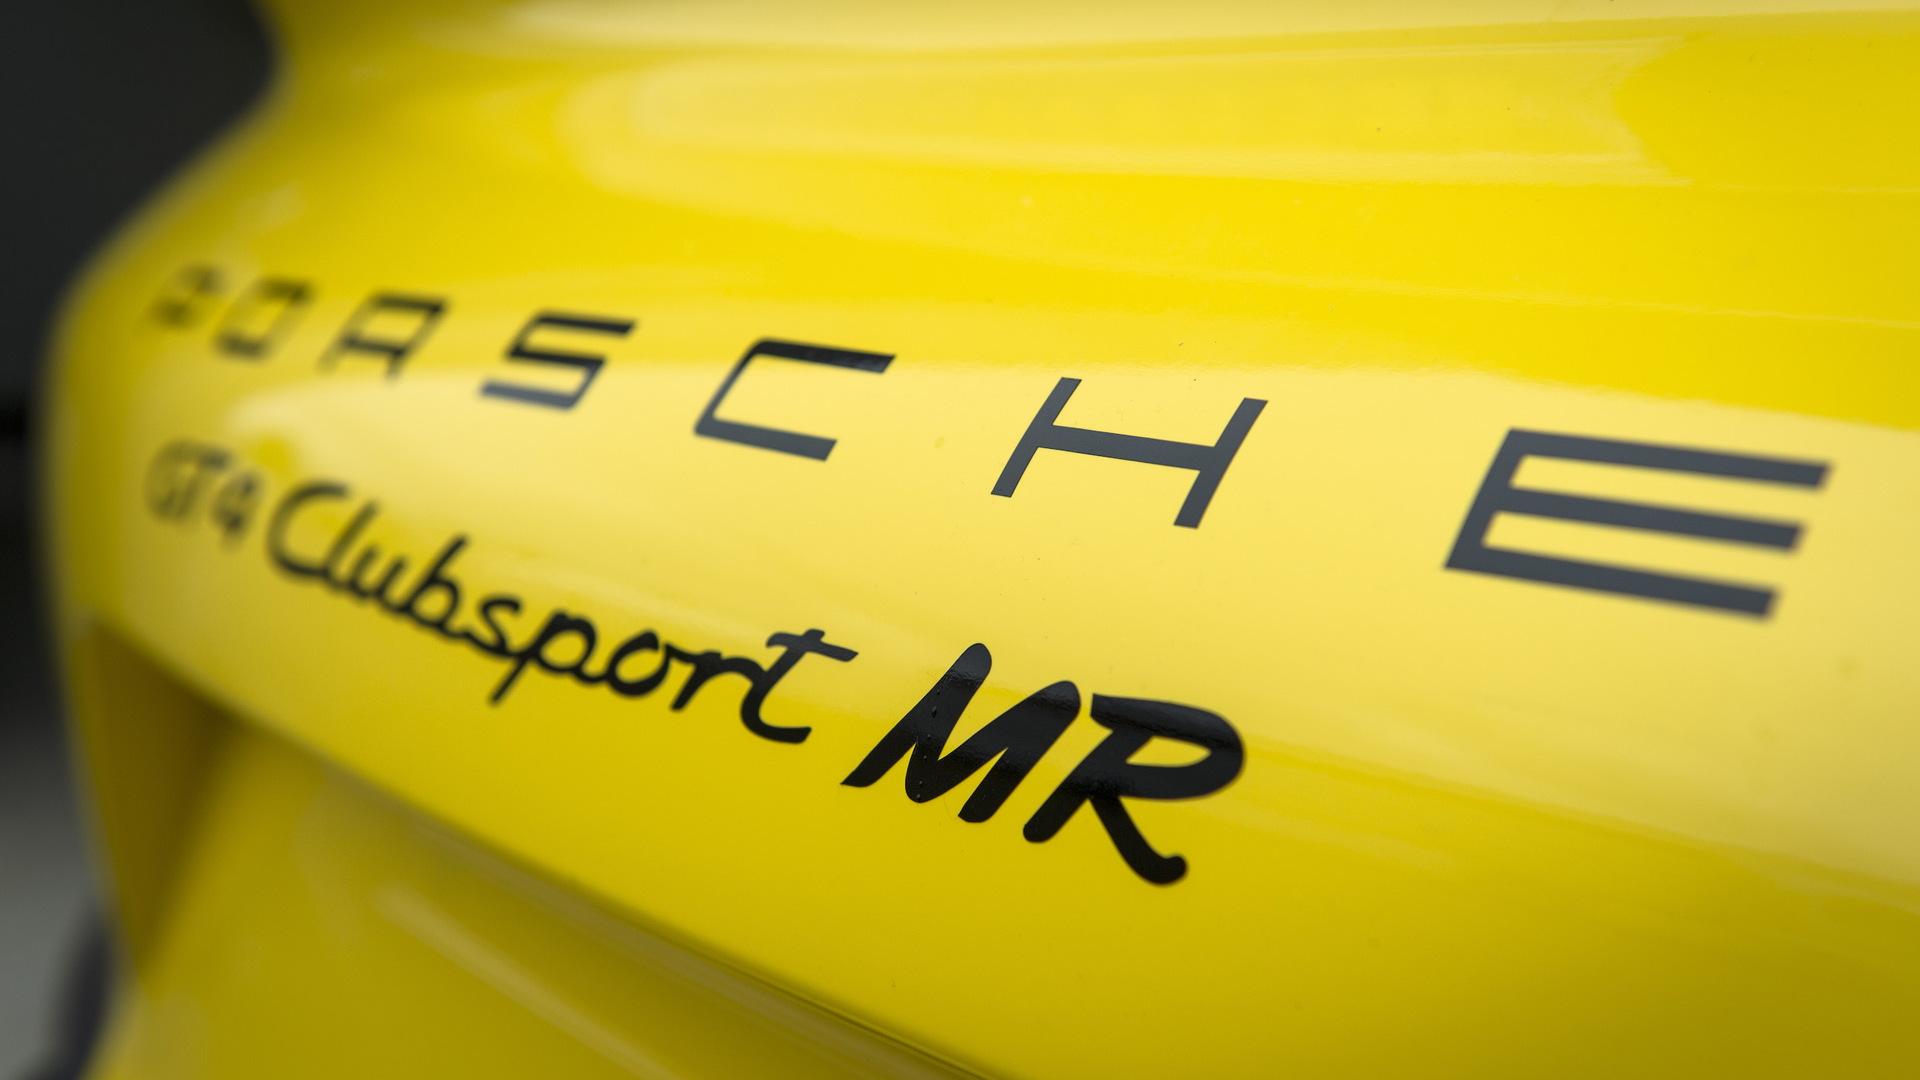 2017 Porsche Cayman GT4 Clubsport MR